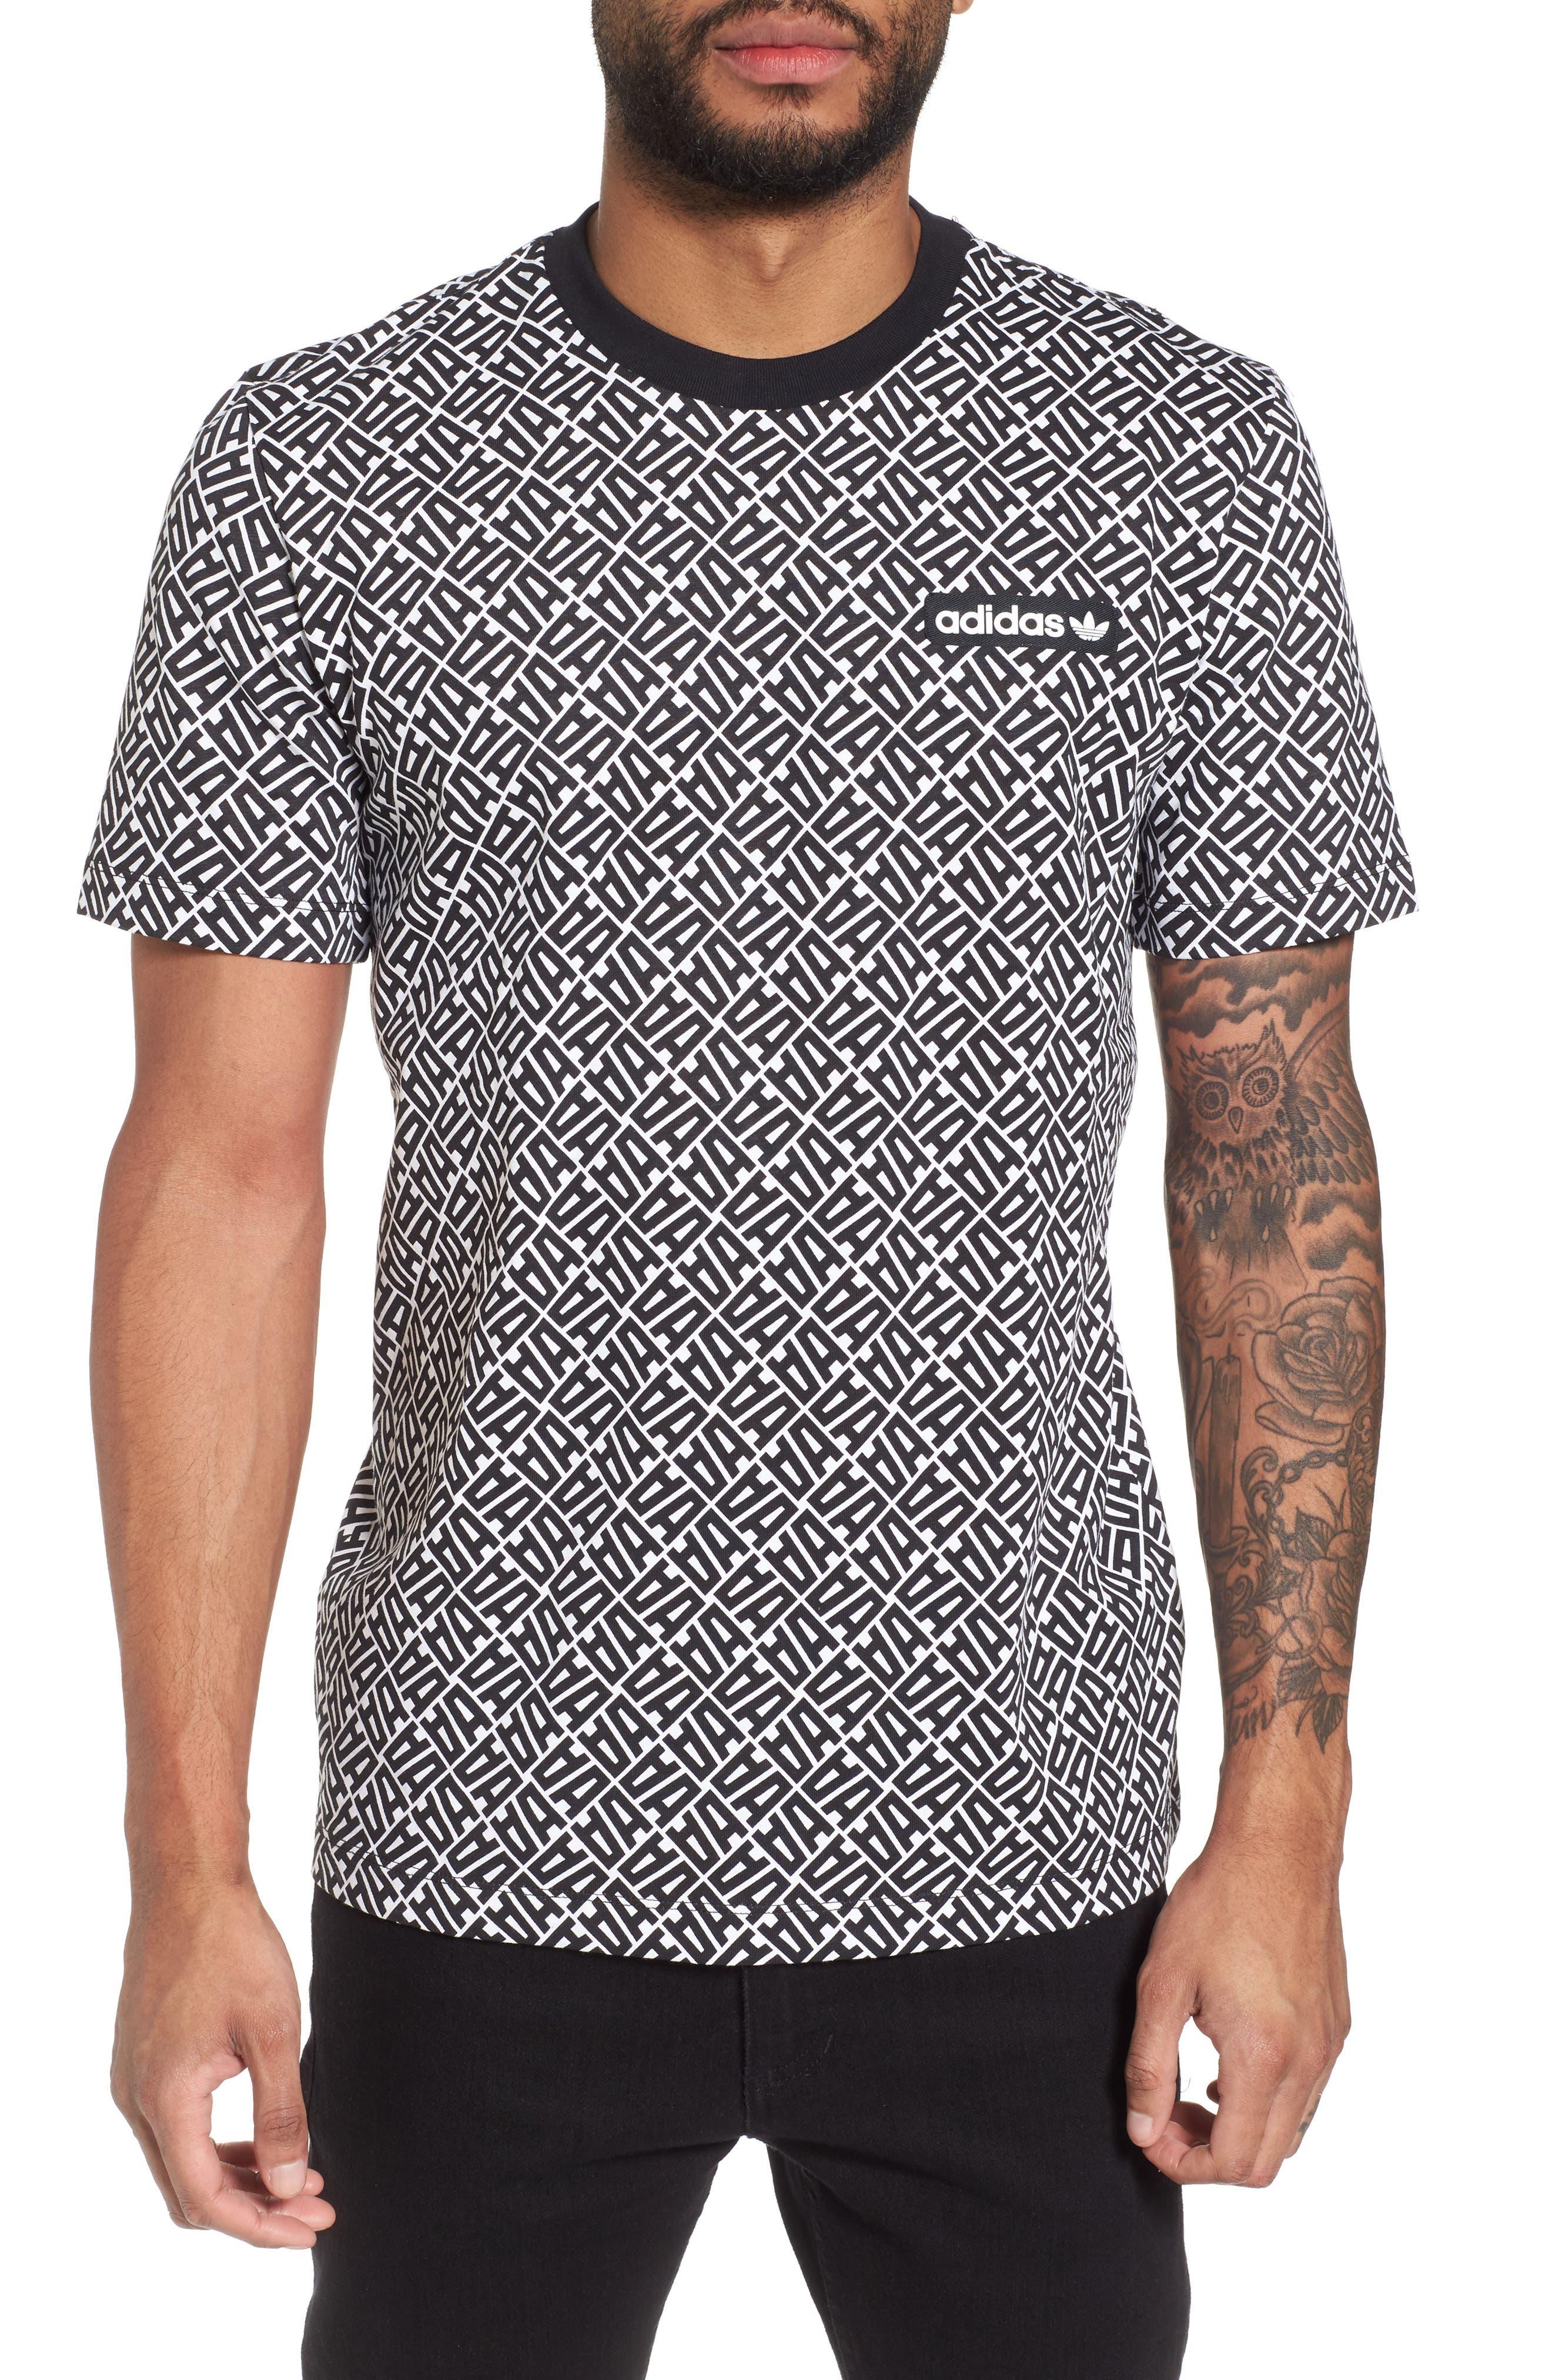 Originals Anichkov T-Shirt,                         Main,                         color, 001